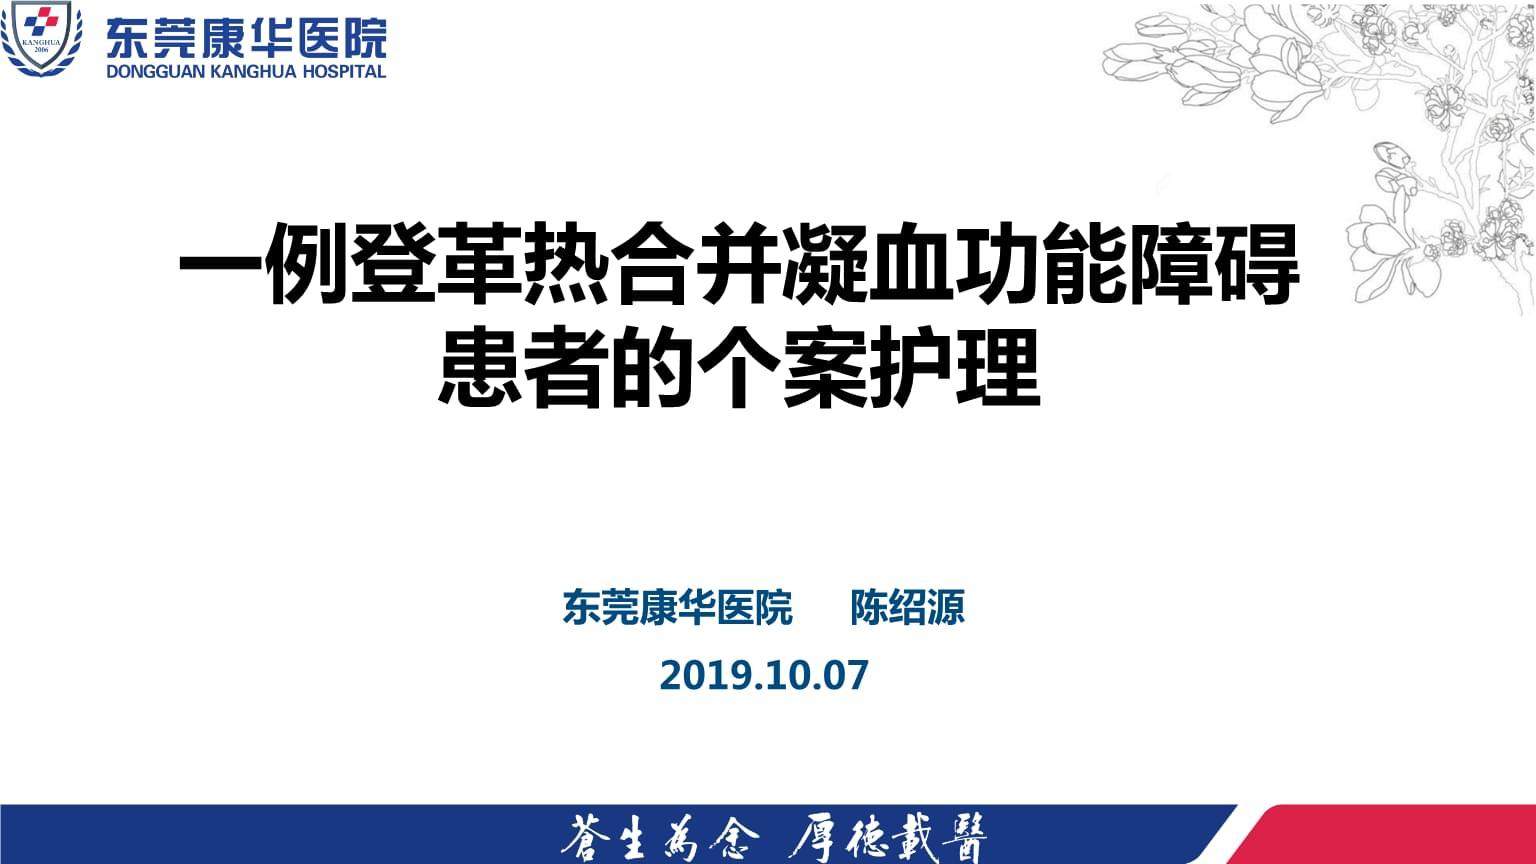 一例登革热合并凝血功能障碍患者的个案护理2019-10-7.ppt